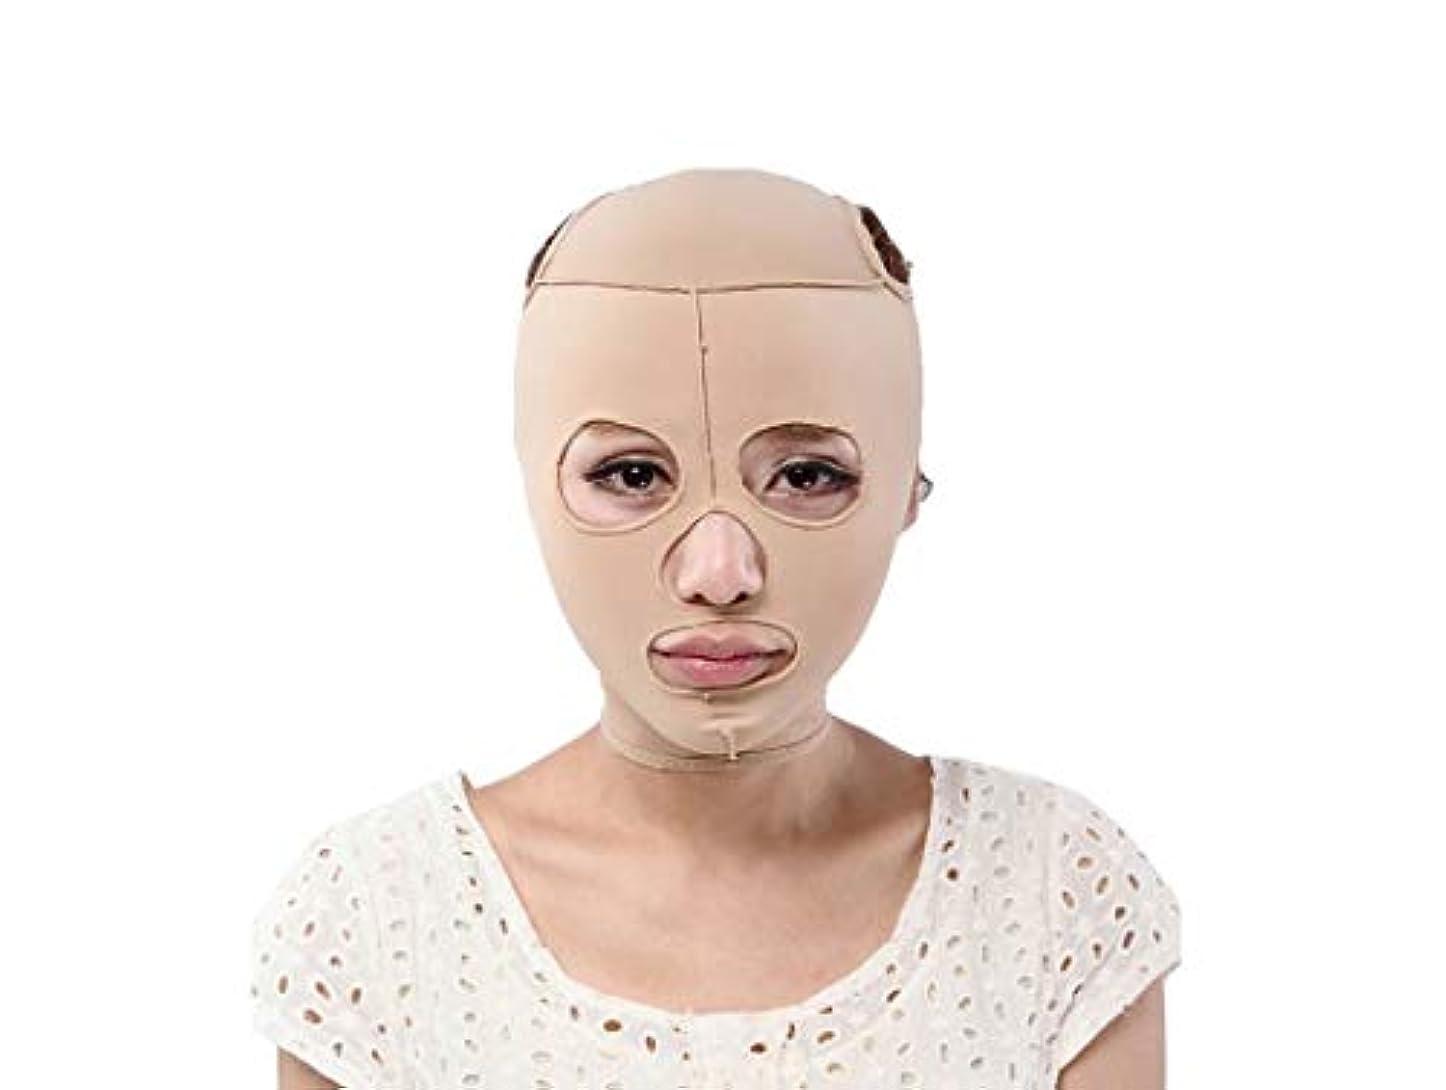 試す遅いバングXHLMRMJ 痩身ベルト、フェイスマスク薄い顔楽器リフティング引き締めvフェイス男性と女性フェイスリフティングステッカー二重あごフェイスリフティングフェイスマスク包帯フェイシャルマッサージ (Size : S)